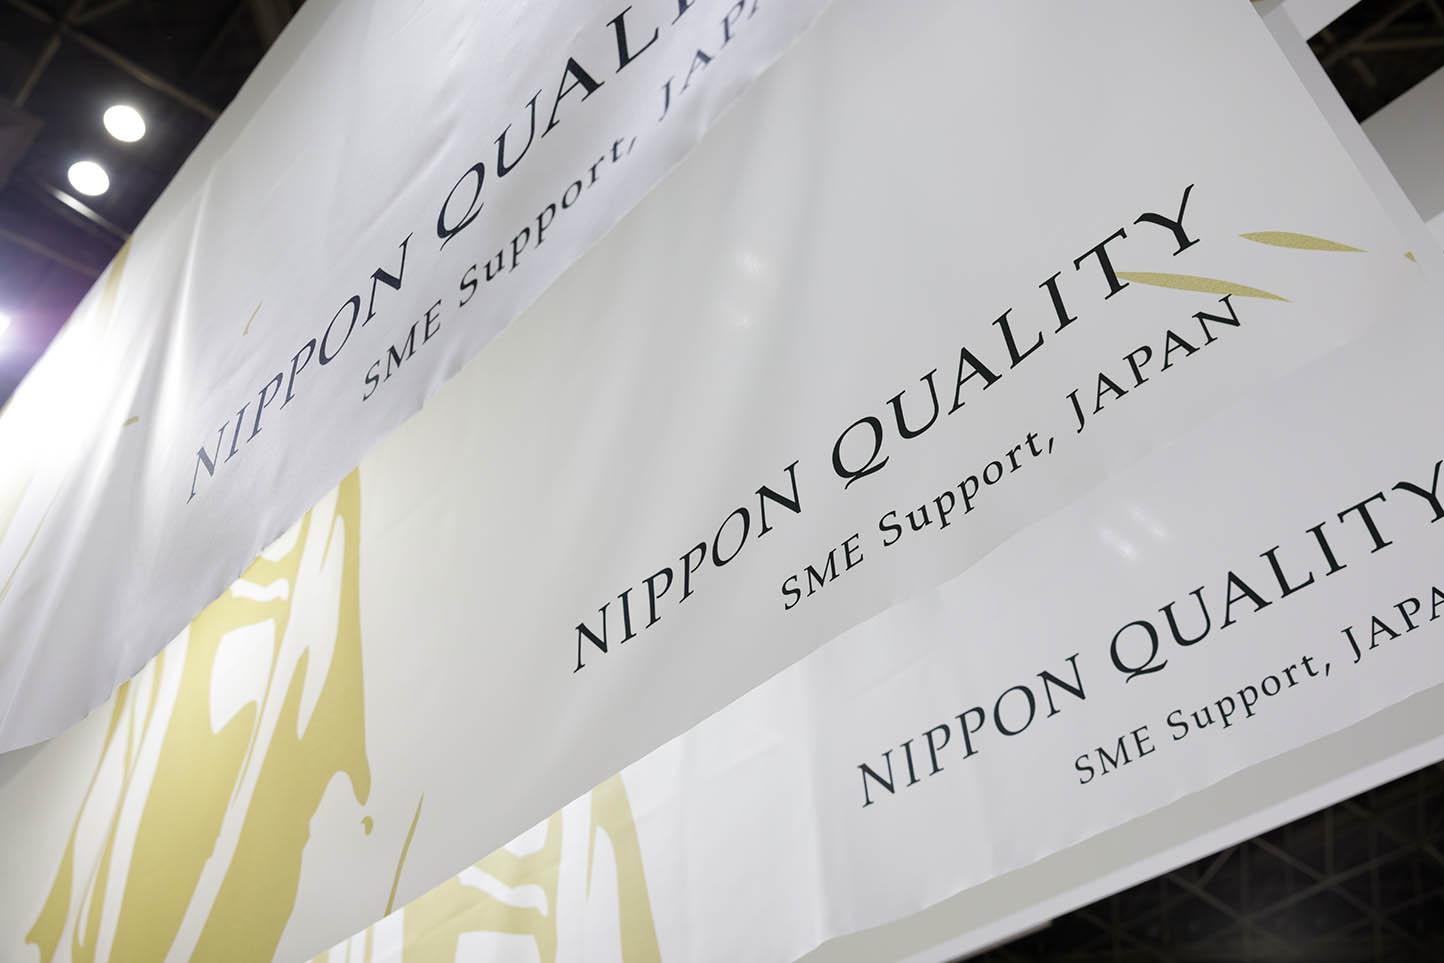 中小企業基盤整備機構様による「NIPPON QUALITY」ブース。NIPPONQUALITYプロジェクトとは、「本プロジェクトは、優れた商品を持ち、海外市場への販路開拓を目指す中小企業の皆さまに向け、海外からのバイヤーが多数来場する国際的展示会である「ギフト・ショー秋2018」への出展を通じて、海外販路開拓・拡大を支援するプロジェクトです。(NIPPON QUALITYHPより)」当社は当プロジェクトにおいてブースデザイン及び出展社への出展対策セミナーを担当しています。(グラフィックデザインはSano Minami Design Office) 出展者の待機位置を工夫することにより、会場内最大級の集客を実現しています。<br />